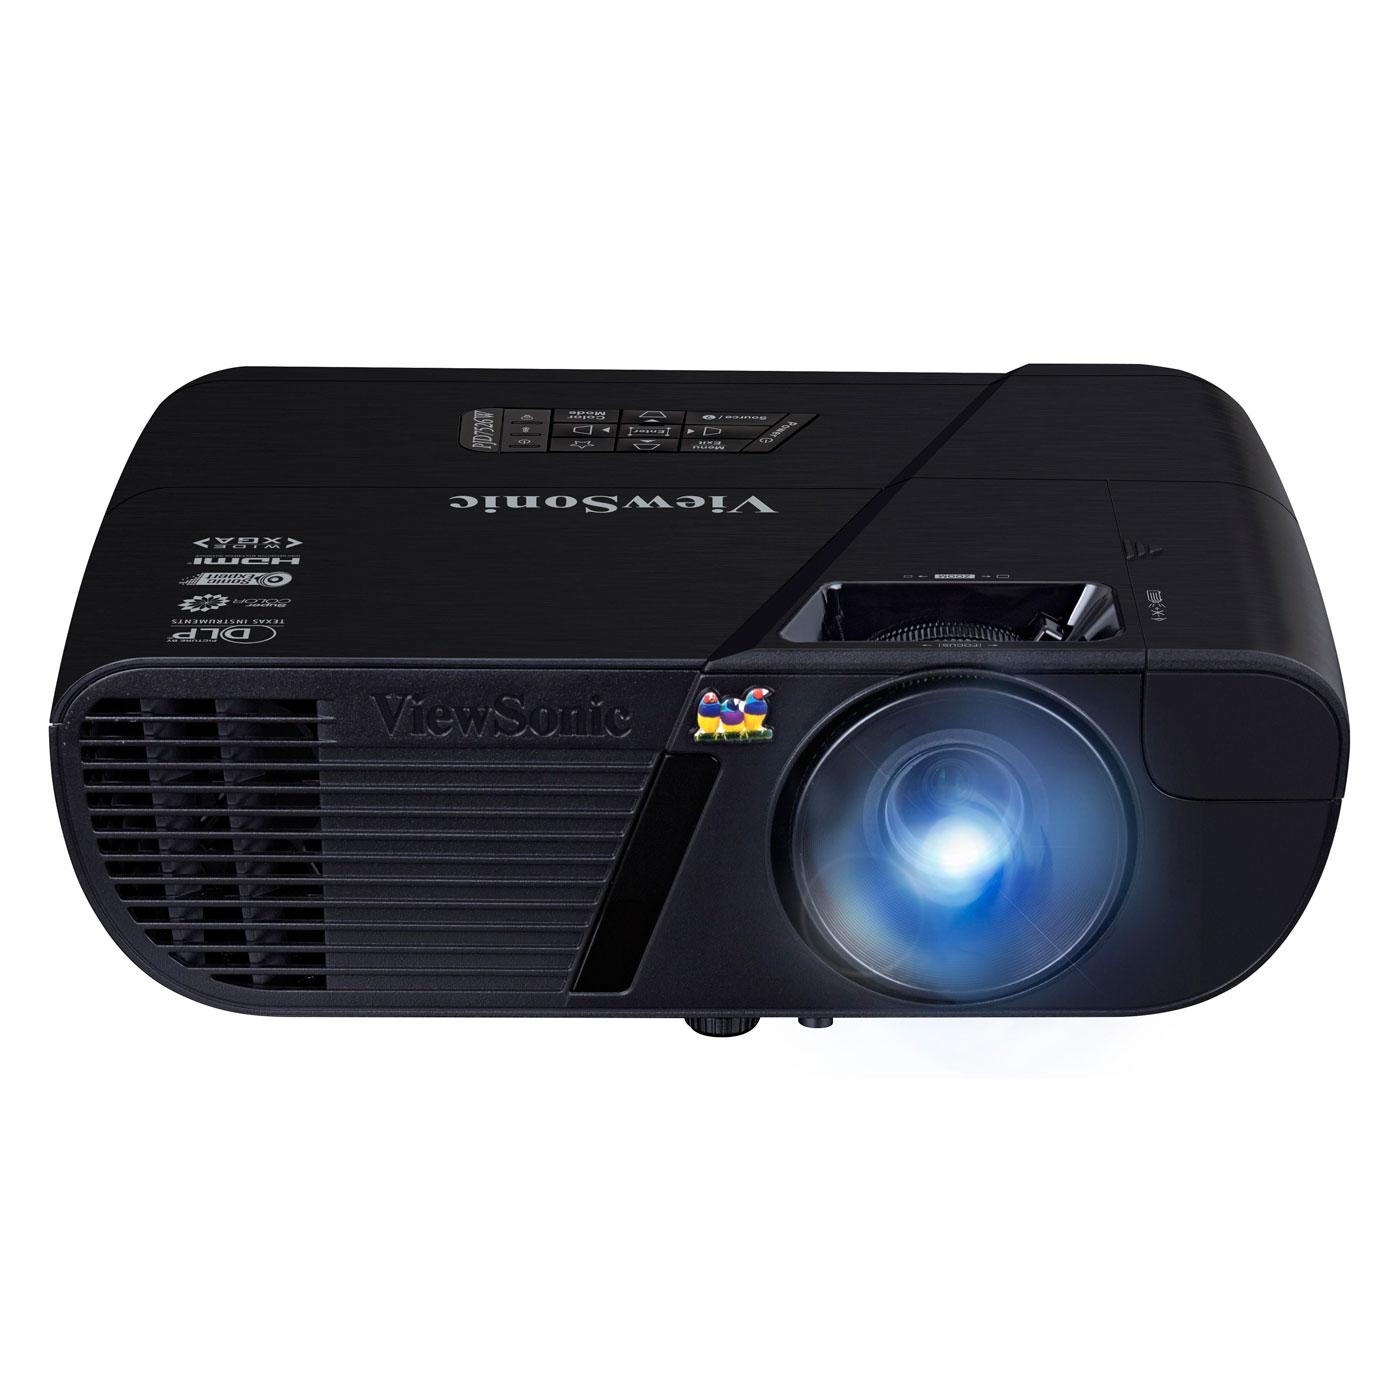 Vidéoprojecteur ViewSonic PJD7526W Vidéoprojecteur DLP WXGA 3D Blu-ray 4000 Lumens HDMI/MHL